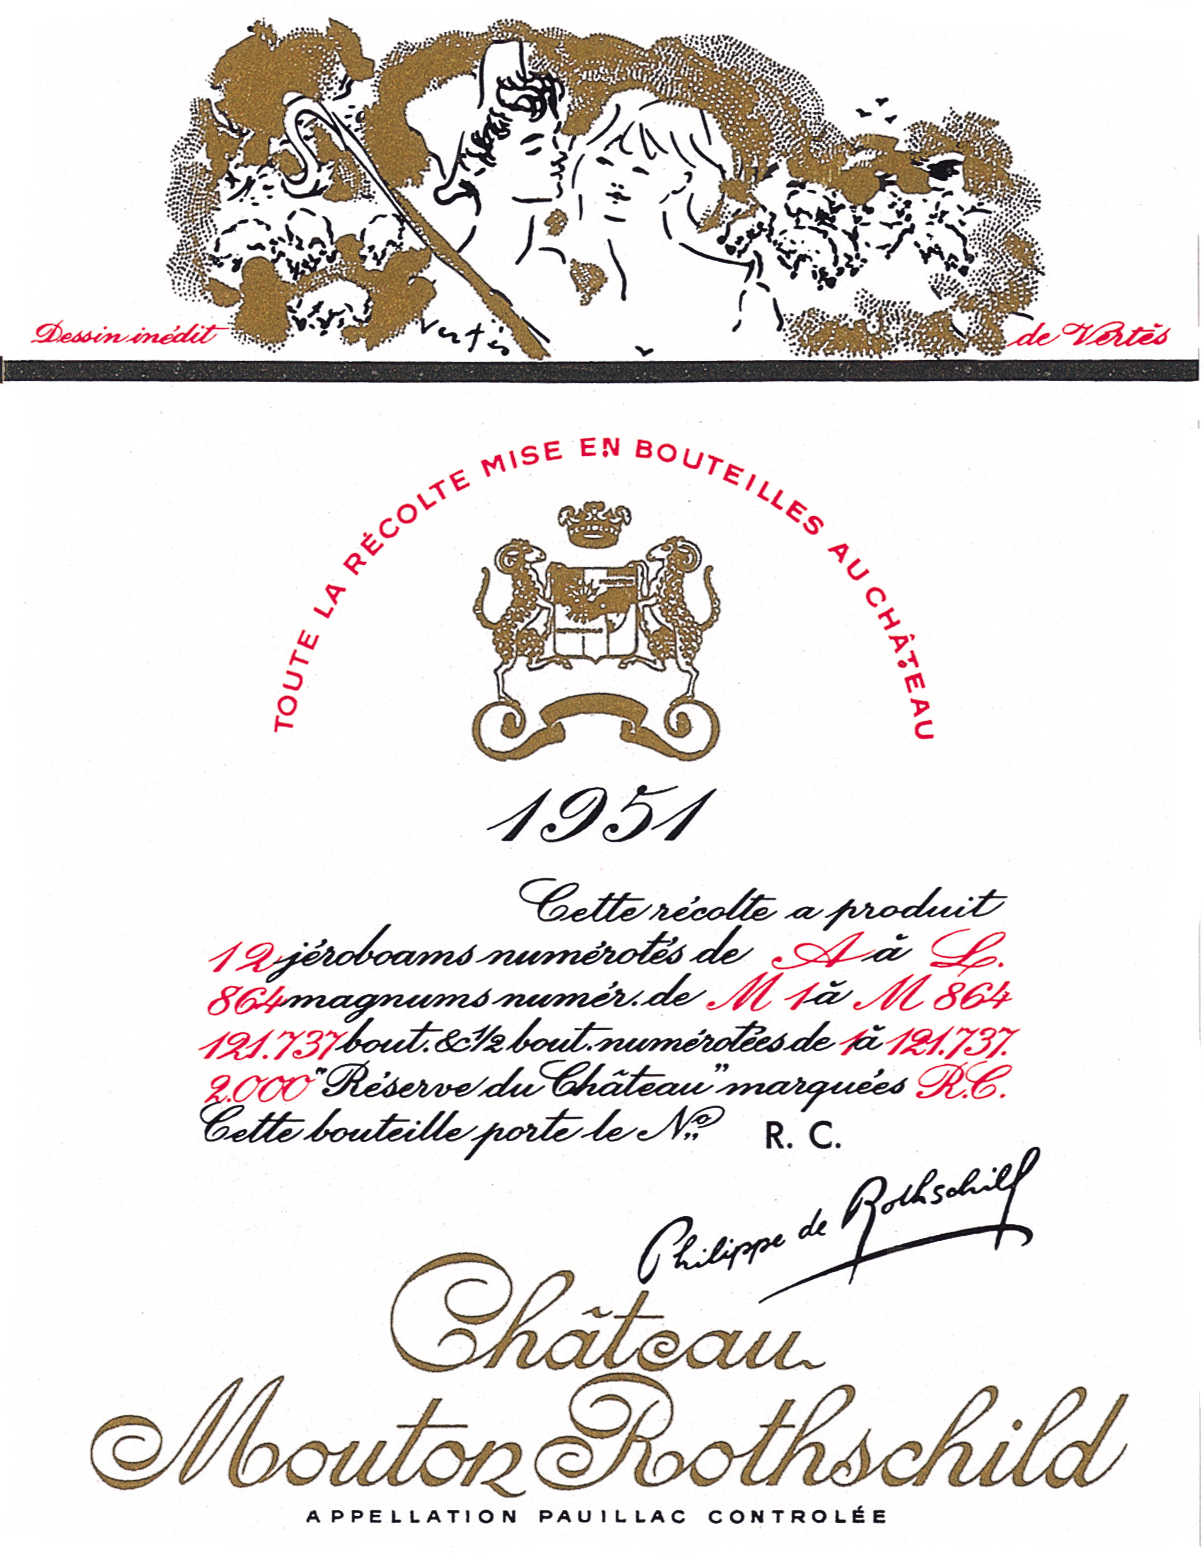 Etiquette Mouton Rothschild 1951